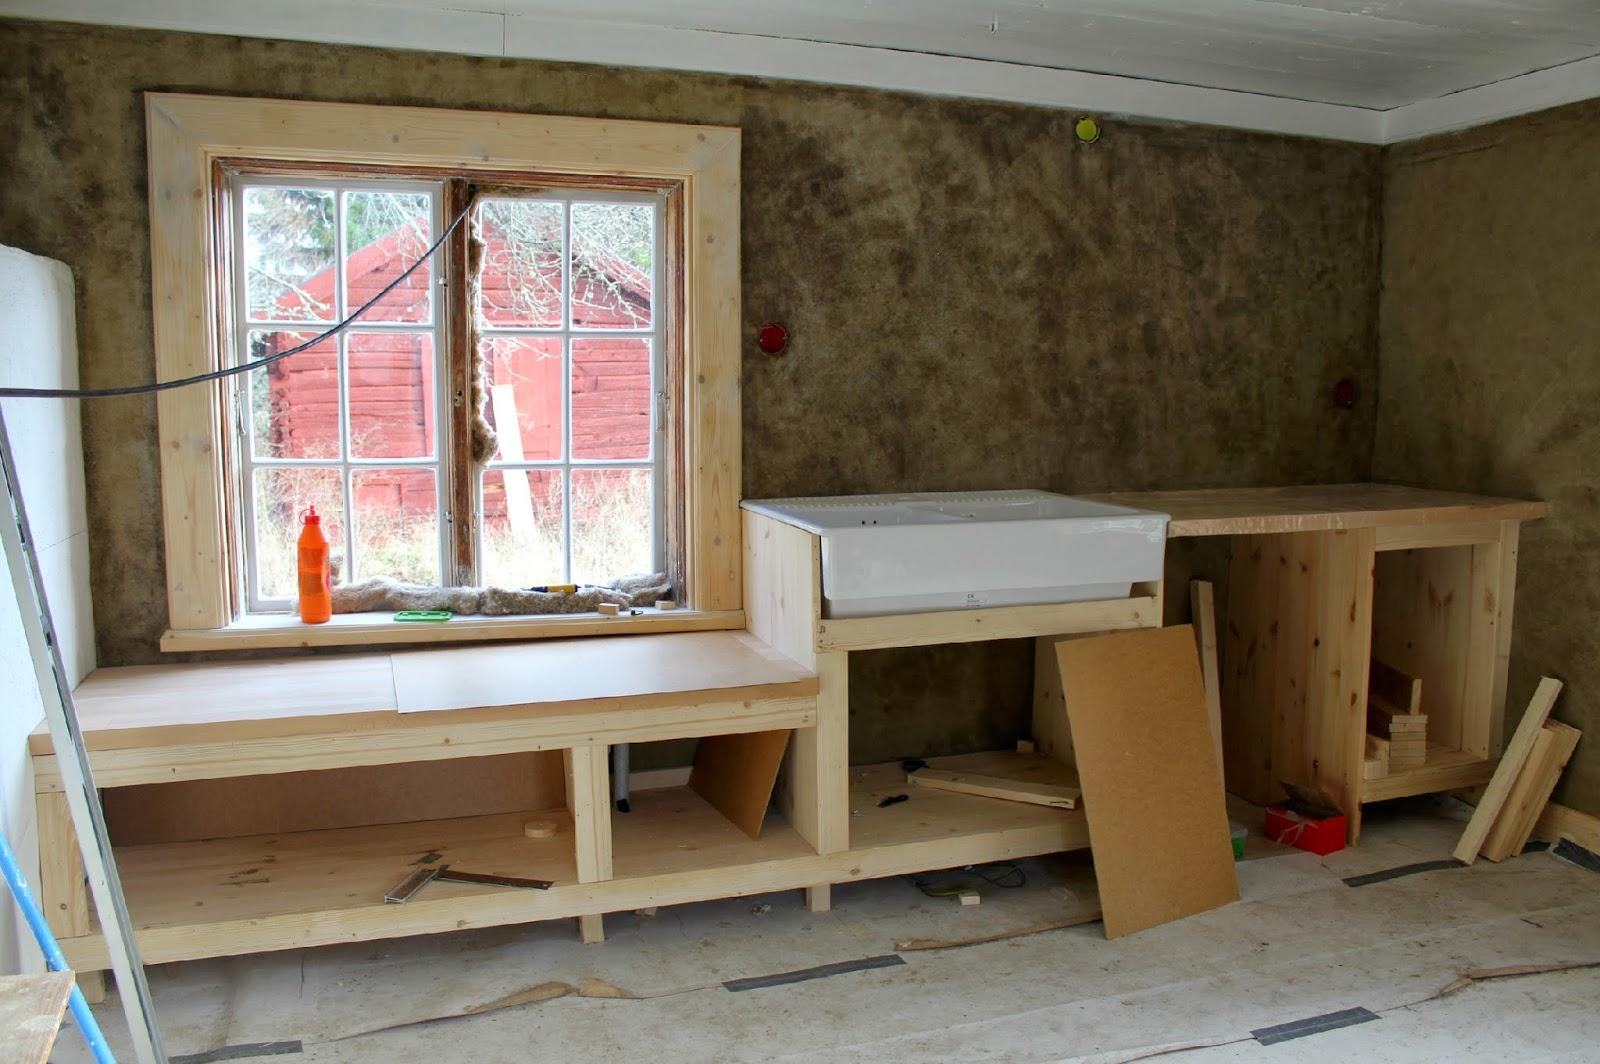 Bygga kök låga fönster ~ zeedub.com